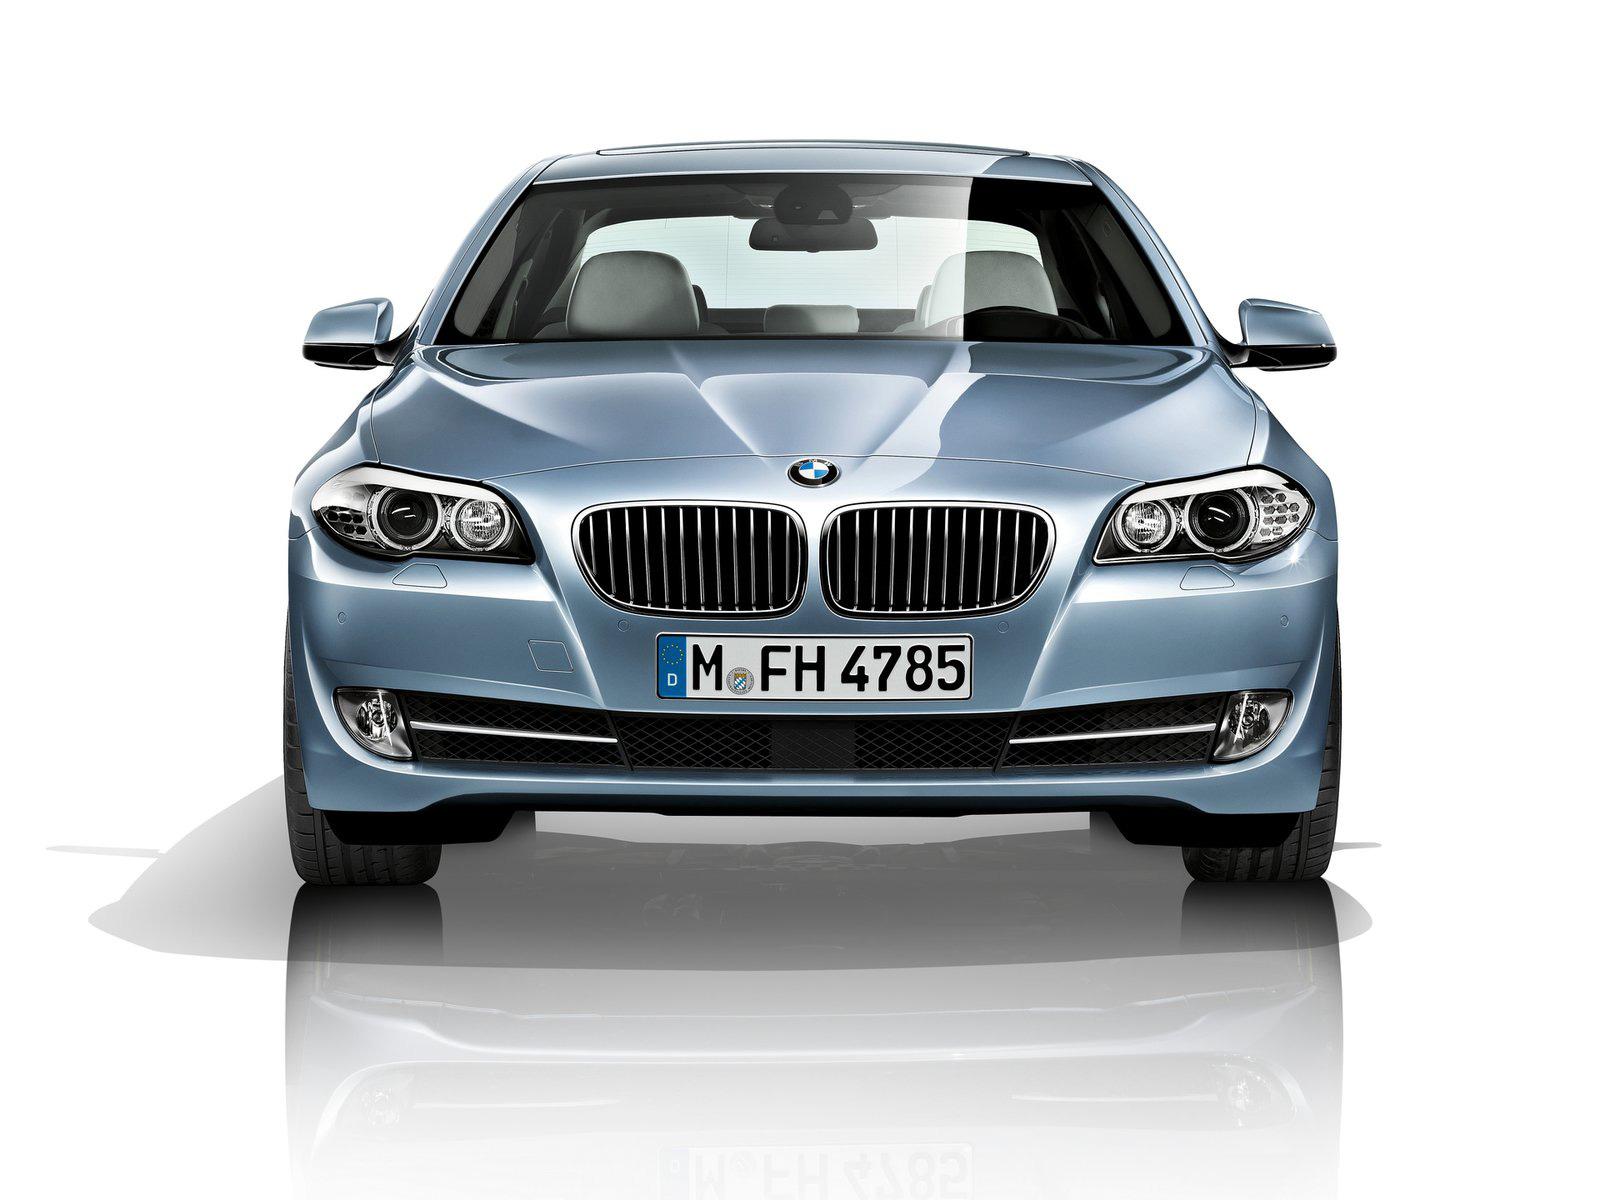 http://2.bp.blogspot.com/-klb2u5VZMVI/ToU9Ddat2sI/AAAAAAAAElA/CFcYEBkkrCA/s1600/2013_BMW-5_ActiveHybrid_bmw-desktop-wallpapers_4.jpg